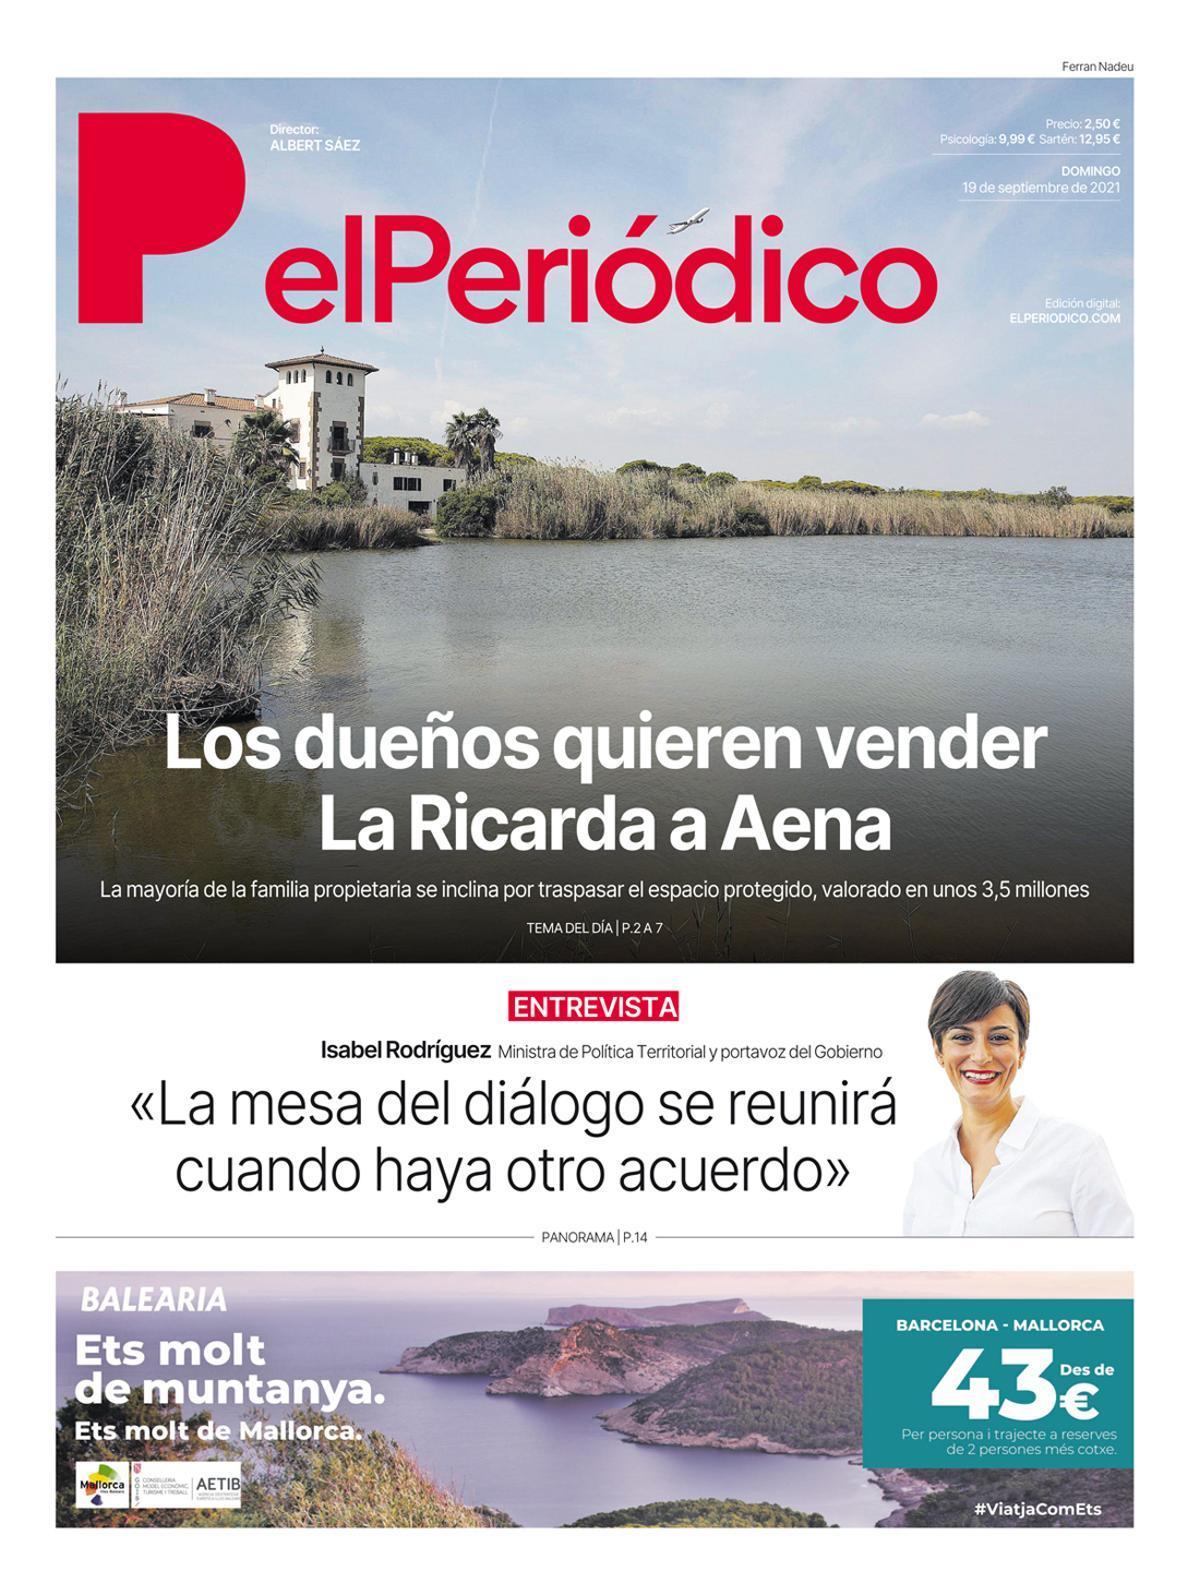 La portada de EL PERIÓDICO del 19 de septiembre de 2021